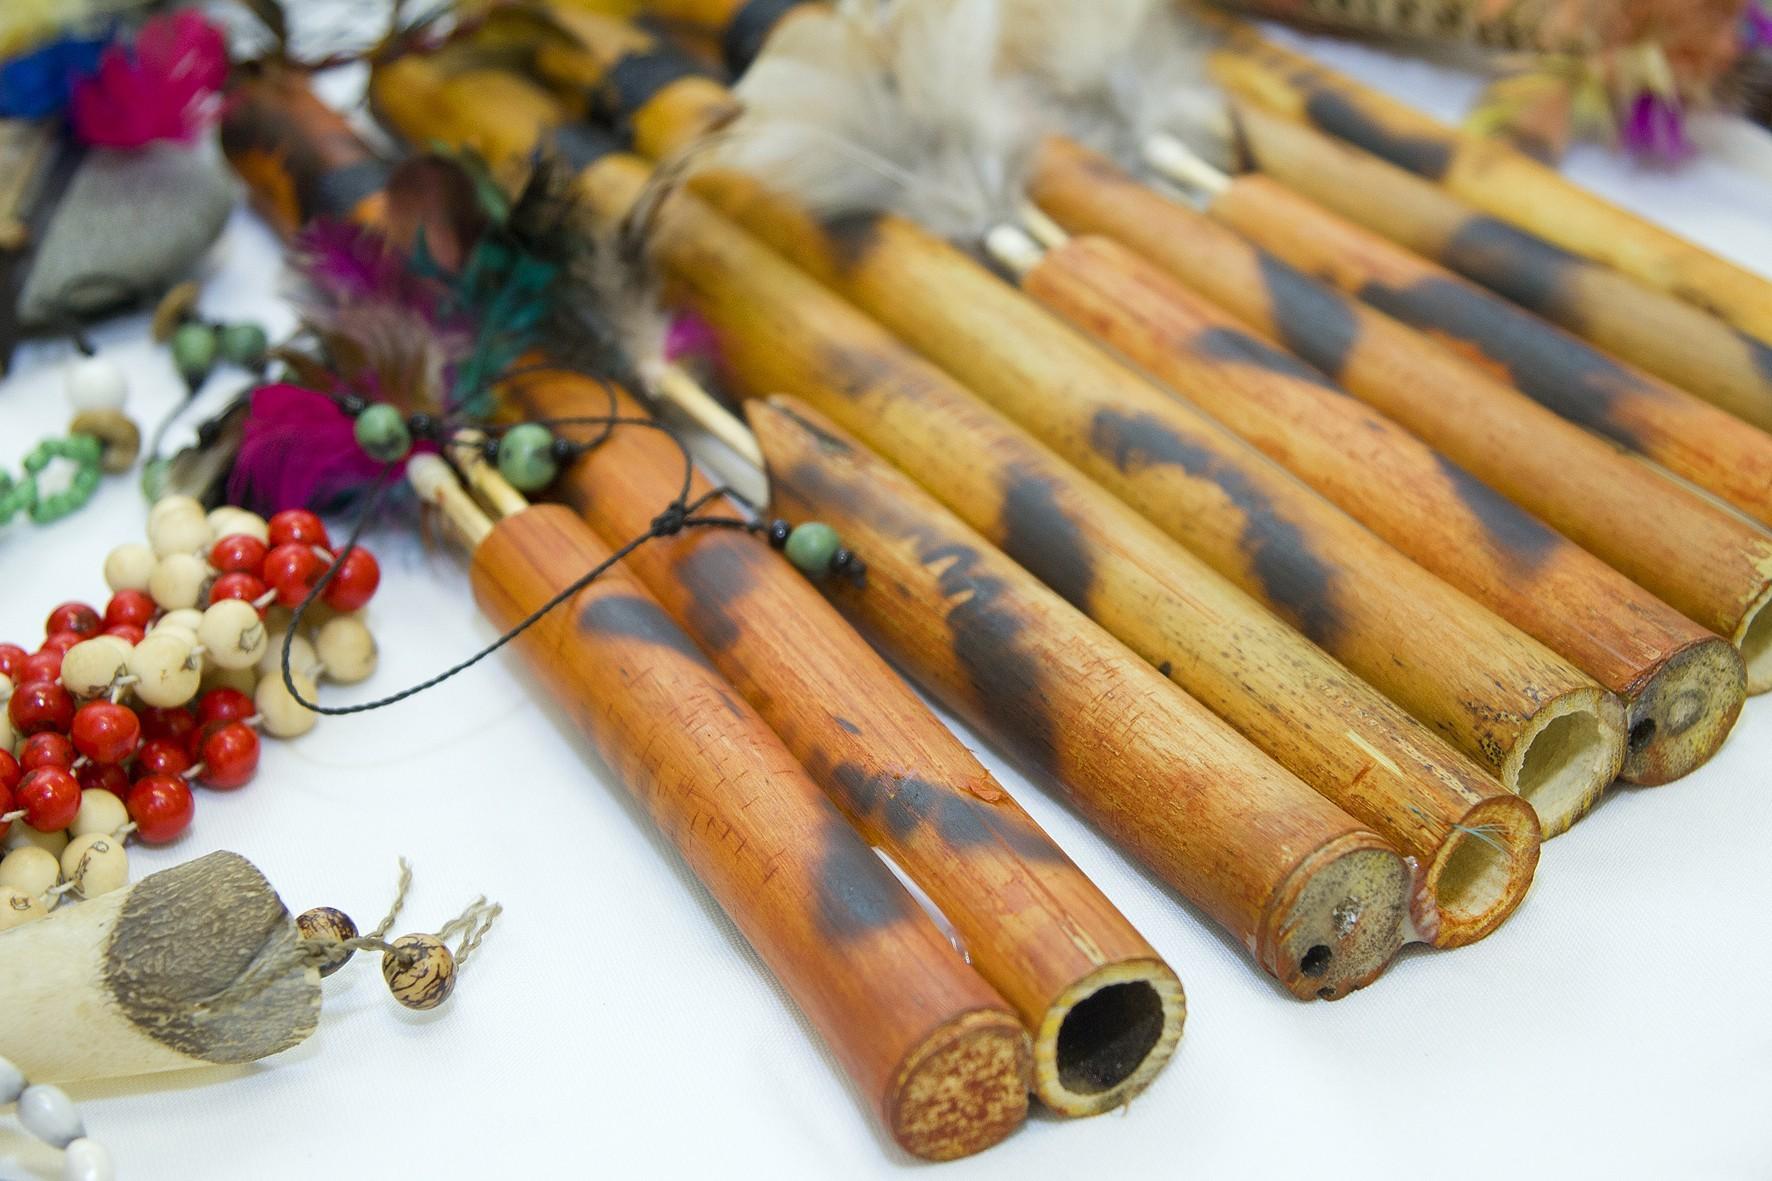 Aparador Tabaco Preto ~ Arte produzida por povos indígenas Foto Marcos Santos USP Imagens USP Imagens Banco de